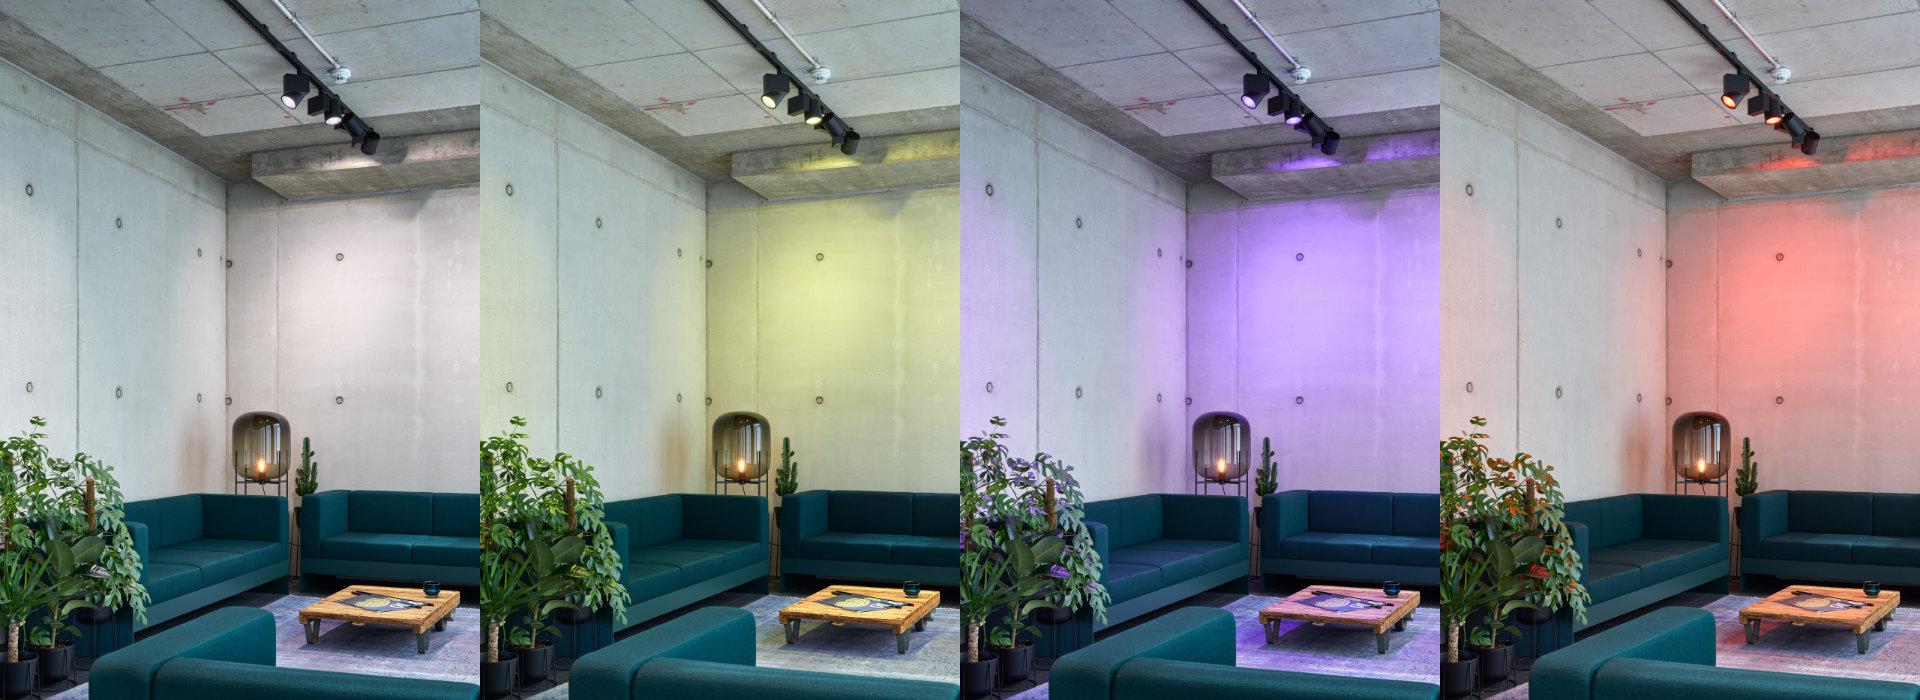 LED ARTIST RGBTW Stromschienenstrahler ENDLIGHT Lichtobjekte GmbH